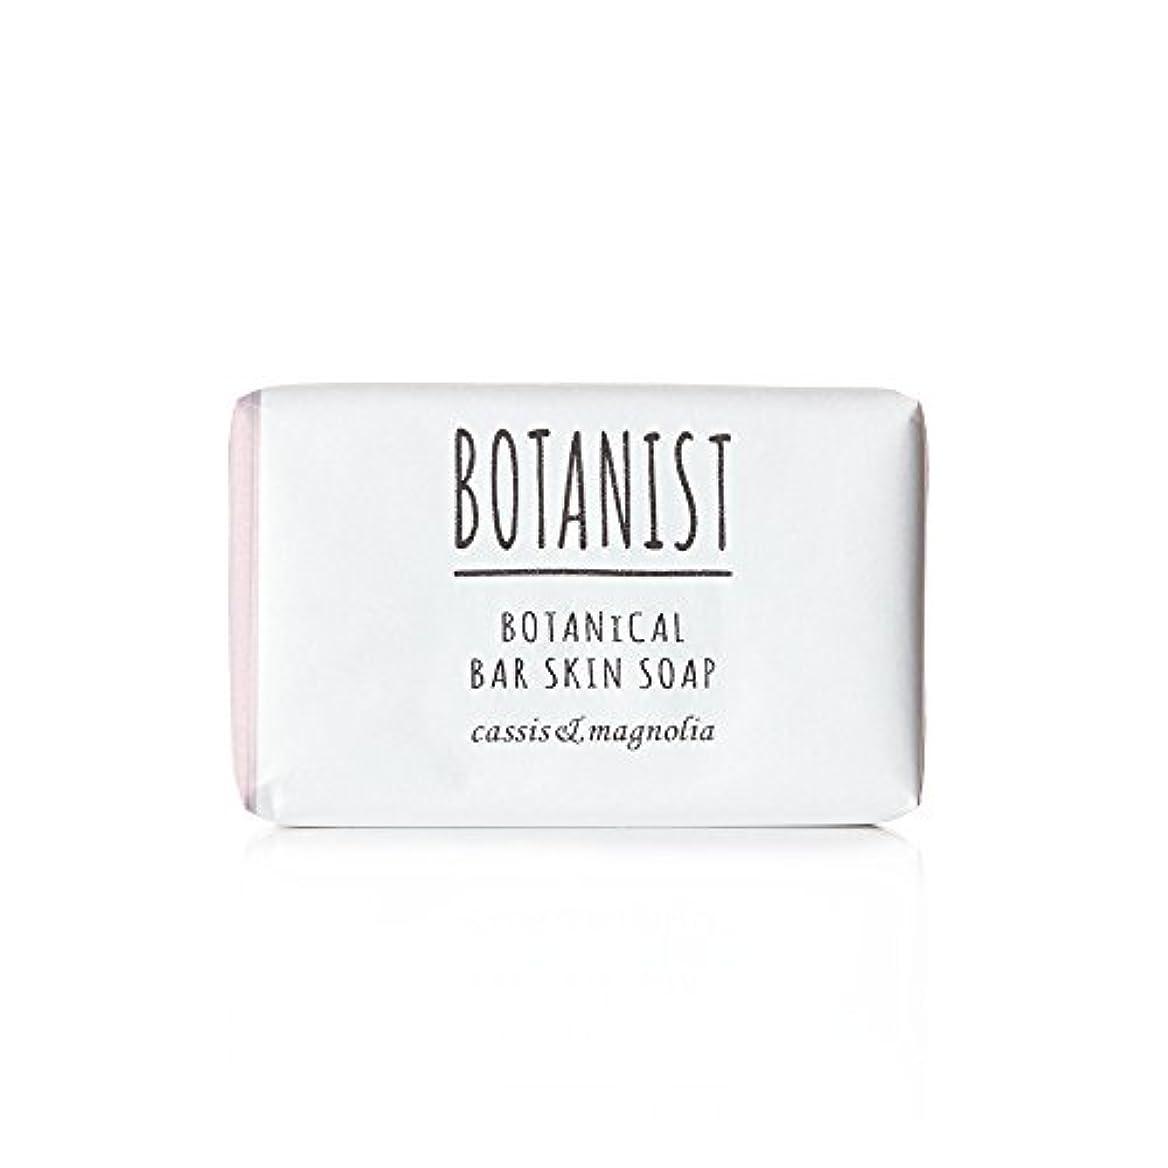 パーツコーデリア鎮静剤BOTANIST ボタニスト ボタニカル バースキンソープ 100g カシス&マグノリア